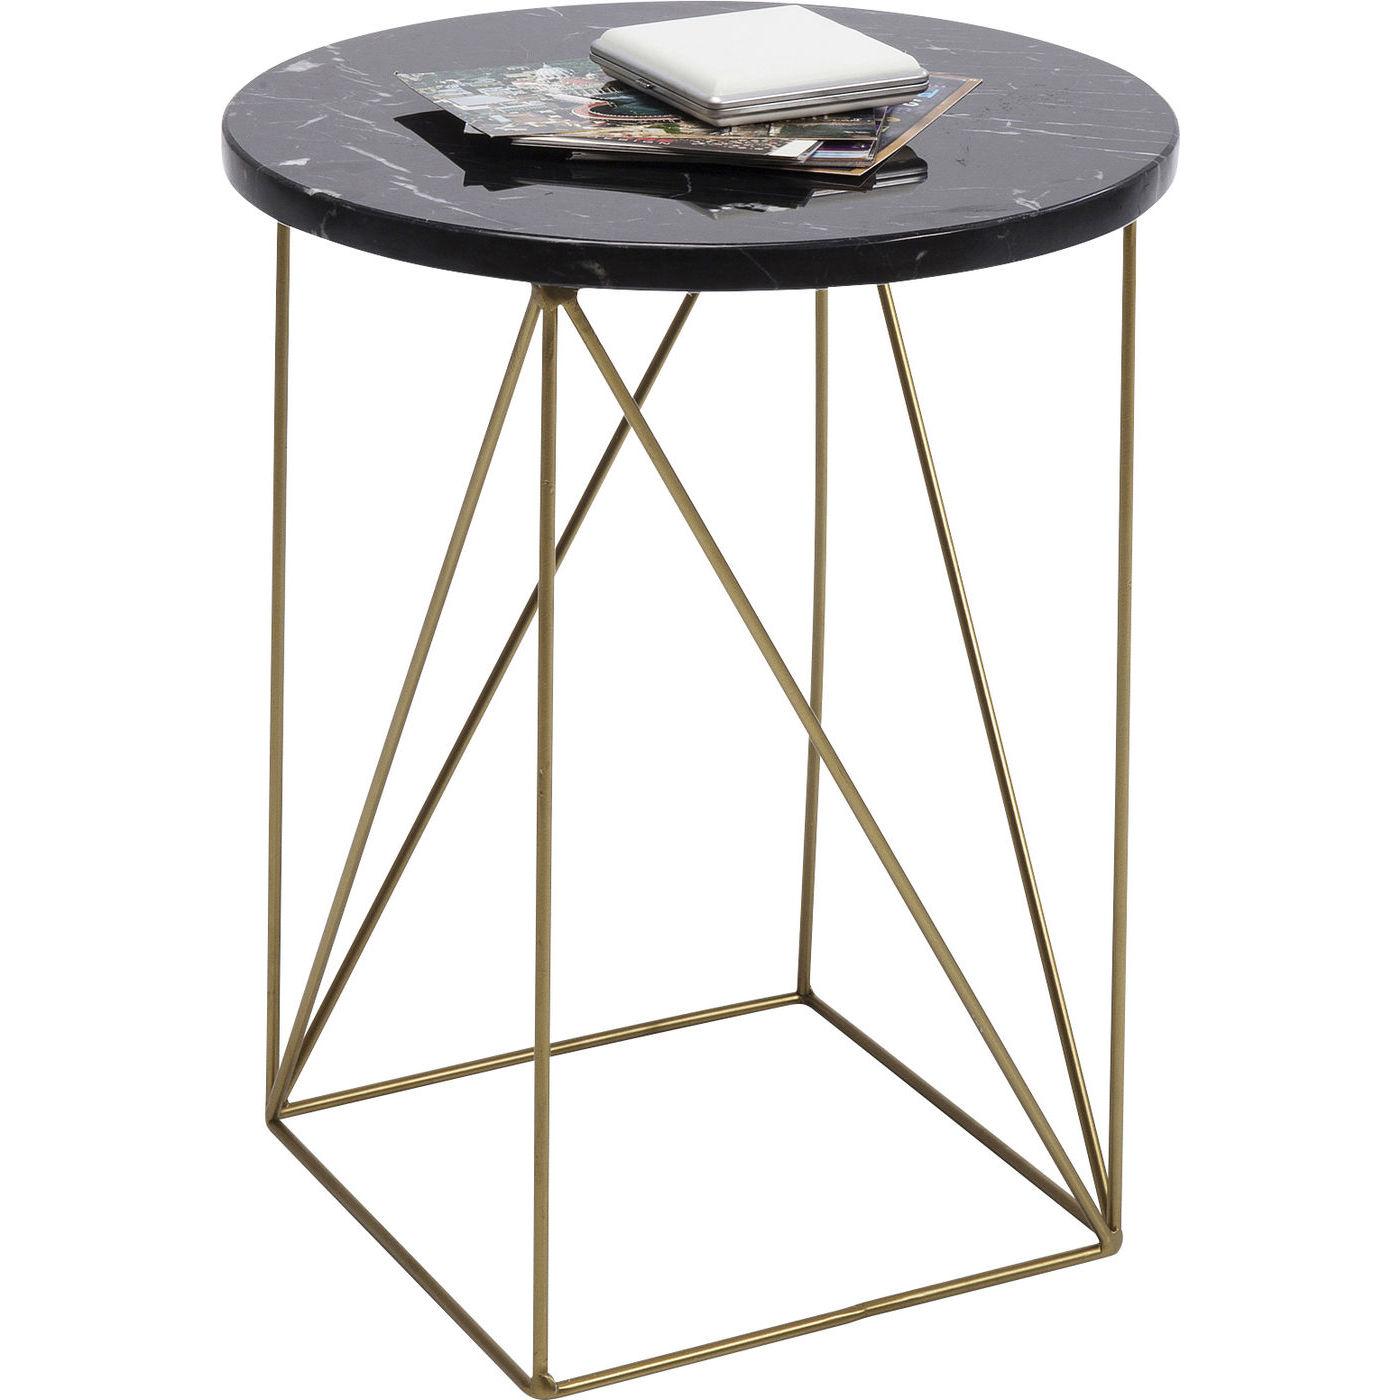 kare design – Kare design key largo black sidebord - sort marmor/guld stål, rundt (ø35) på boboonline.dk